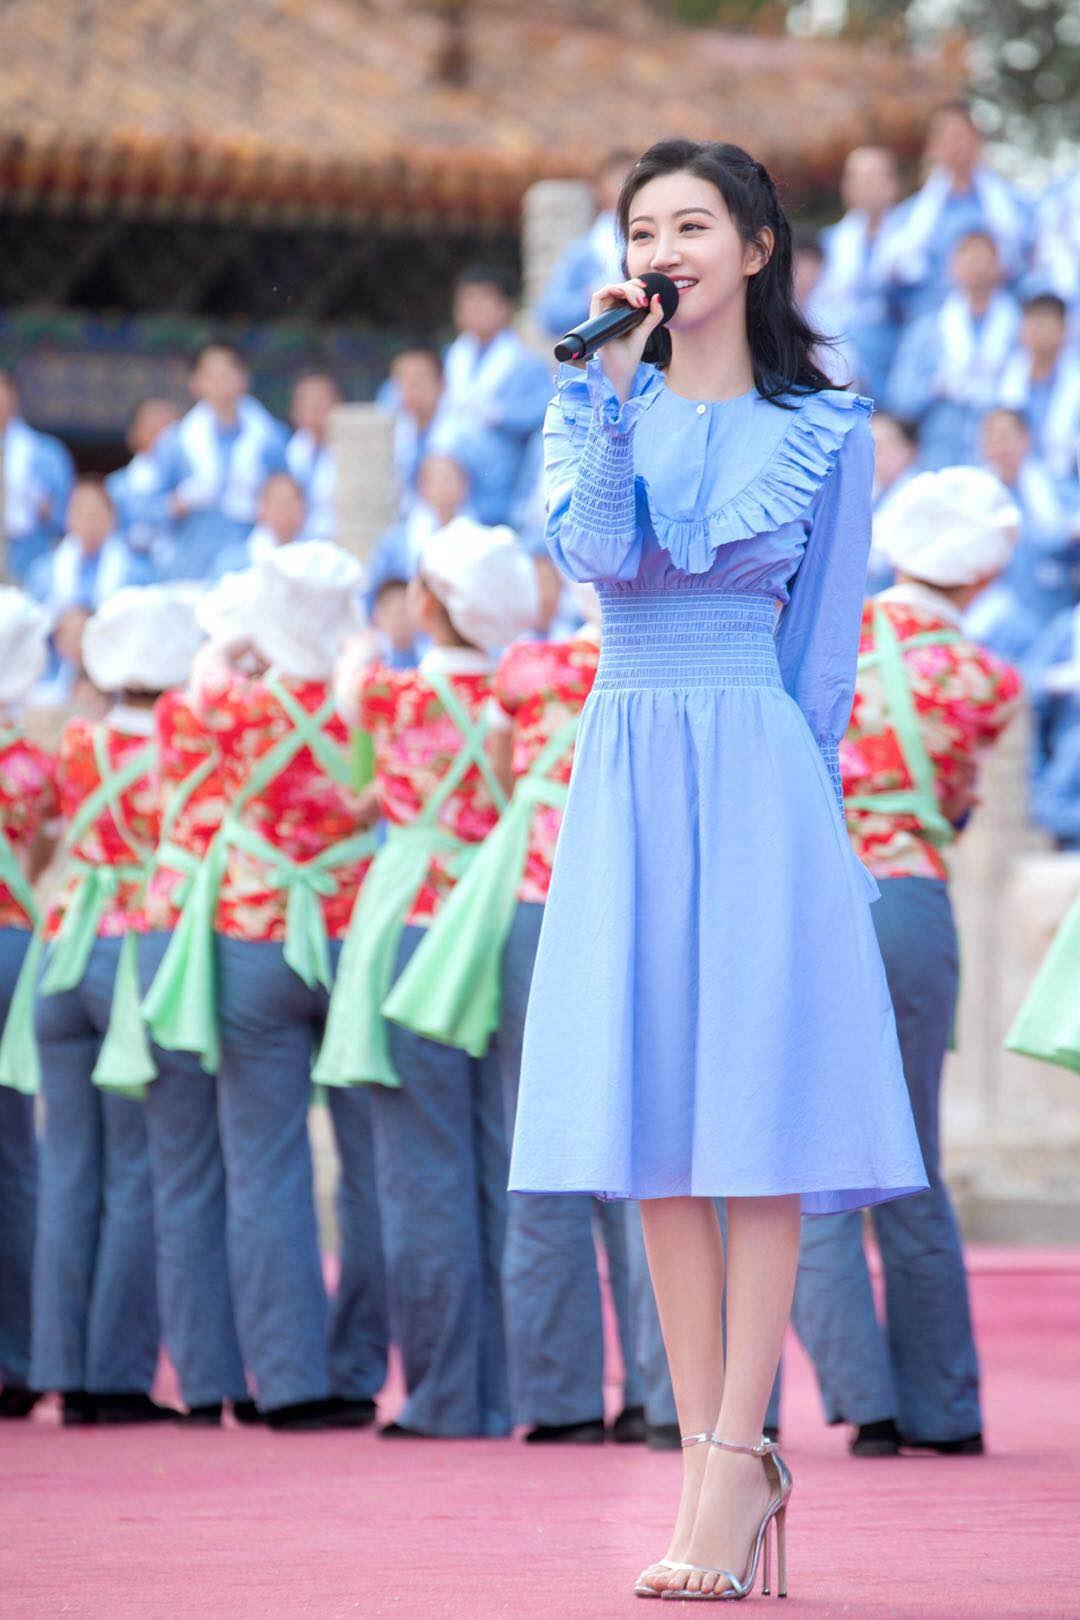 31岁景甜蓝色连衣裙配公主长发清纯甜美,小4岁的杨紫气质更出众